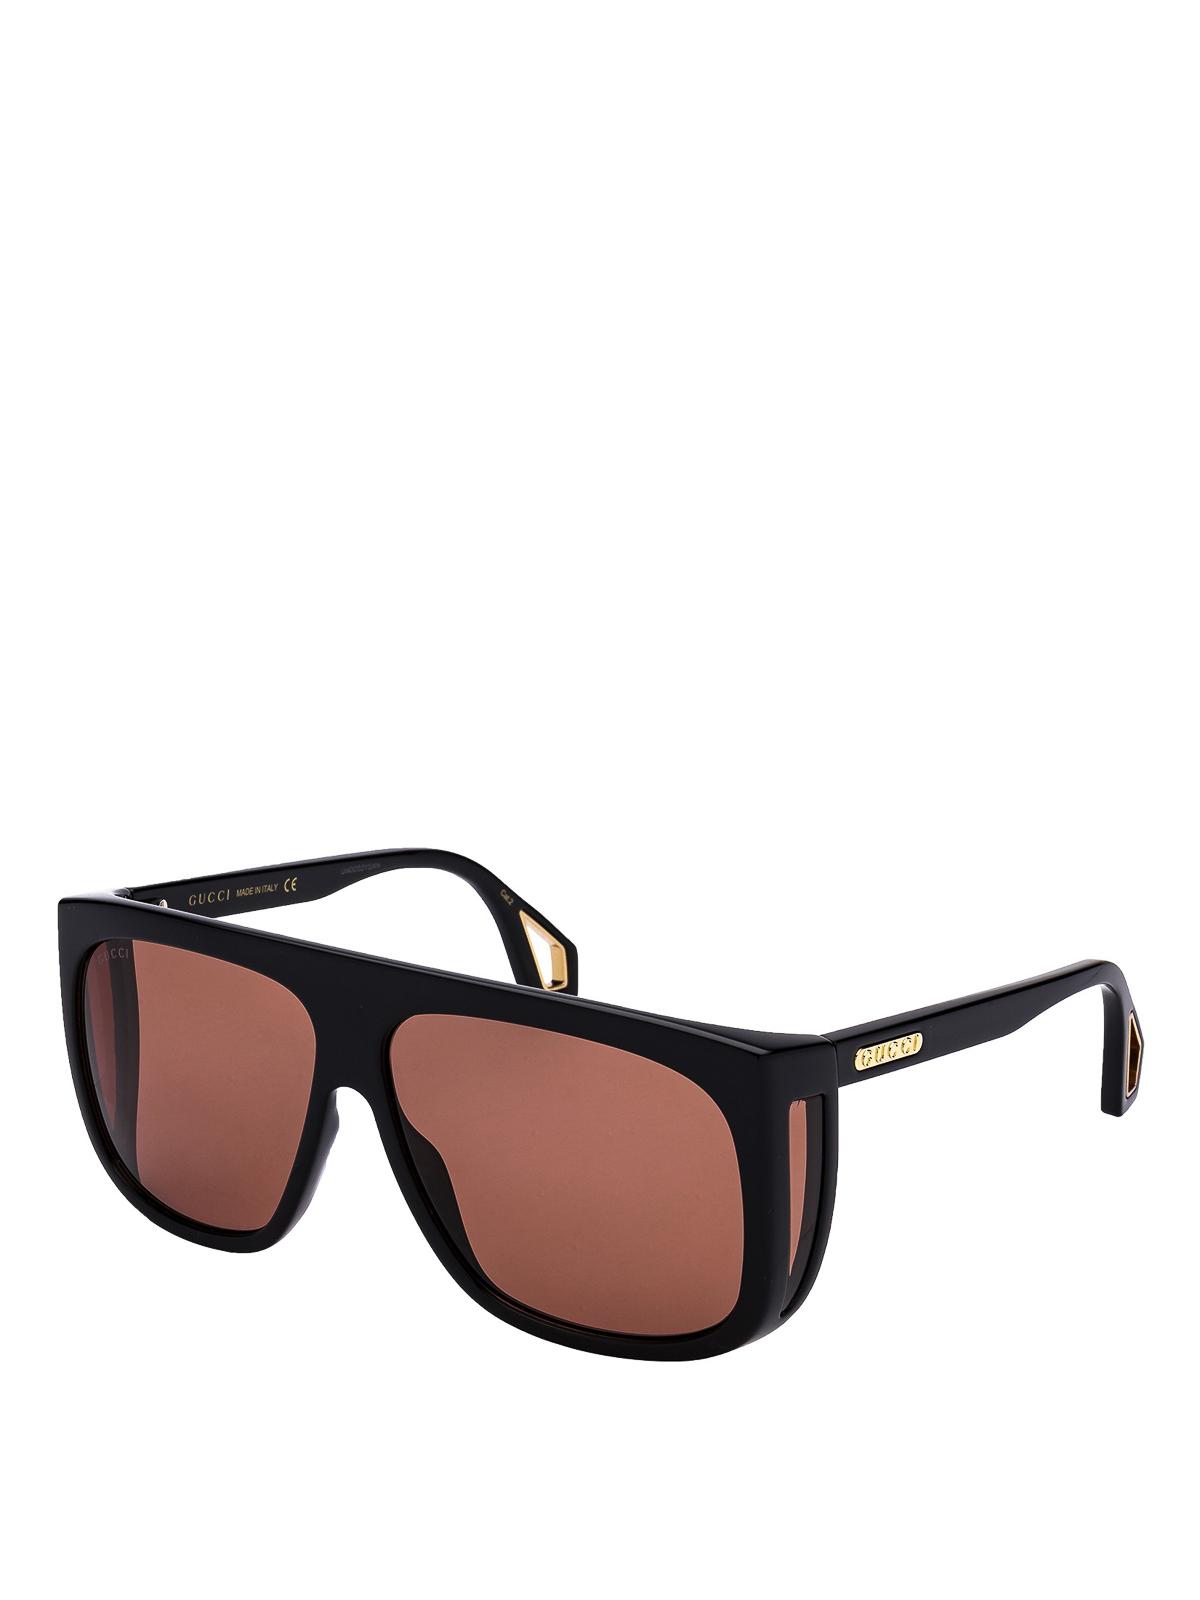 c8d387470e5 Gucci - Gafas De Sol - Negro - Gafas de sol - GG0467S 002